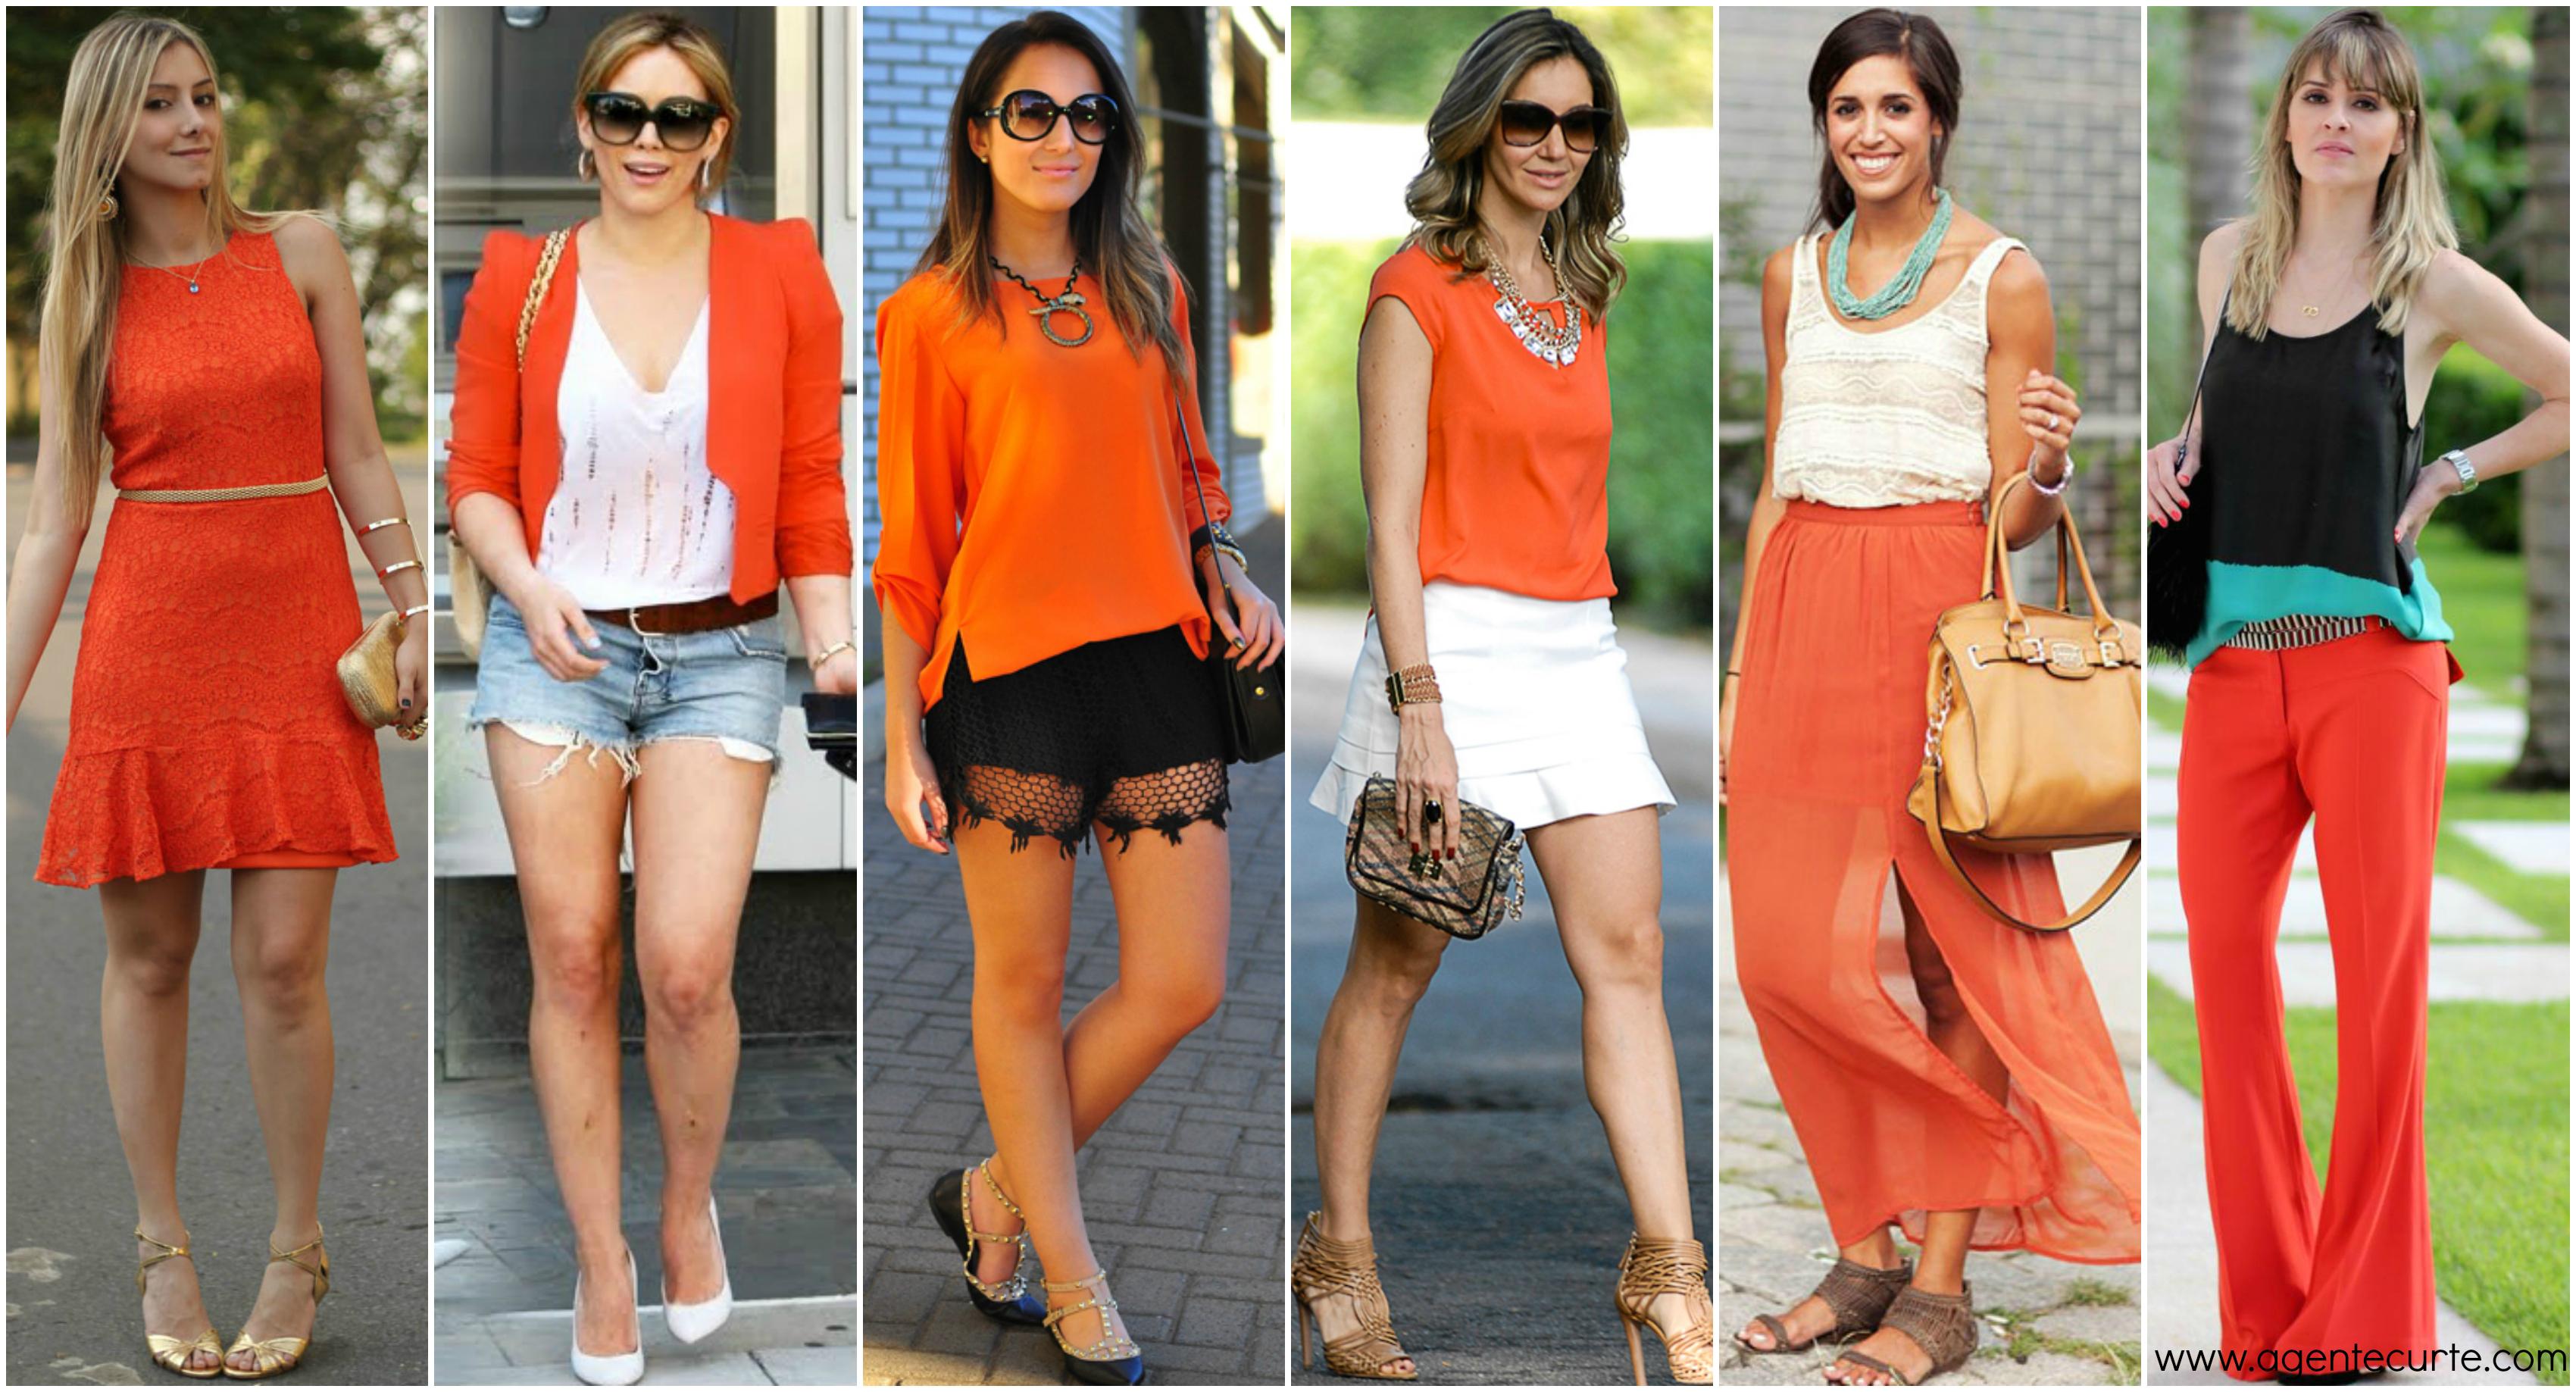 tendencias de moda - peças em laranja